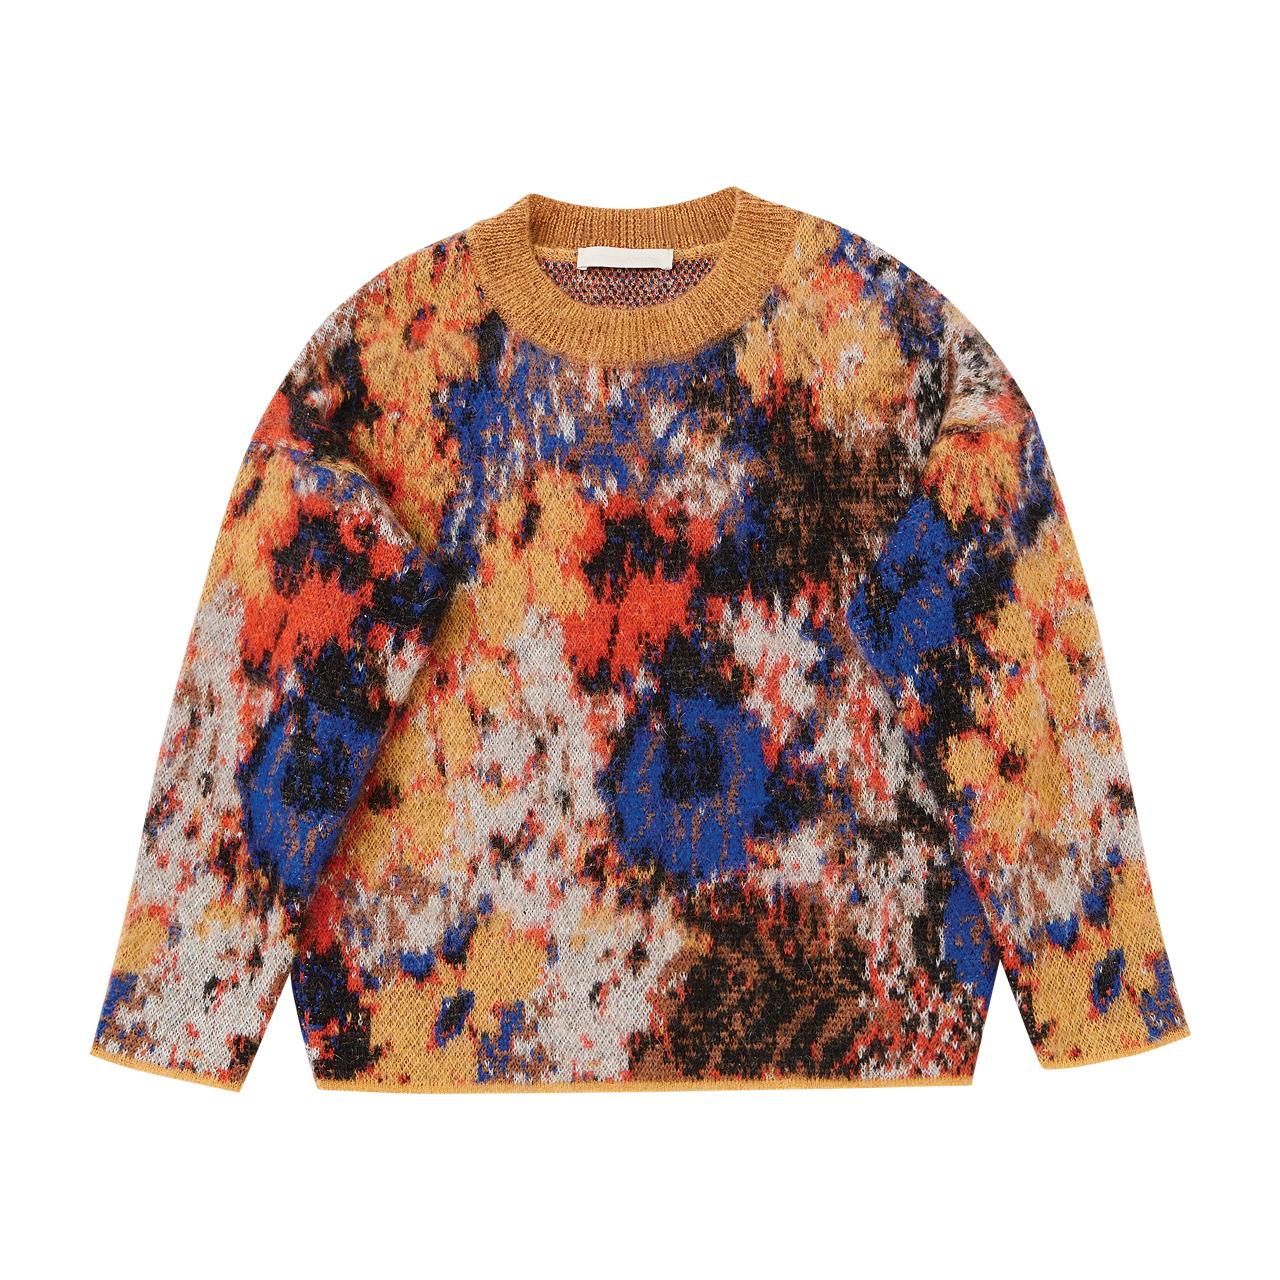 빈티지한 플라워 패턴의 모헤어 스웨터는 가격 미정으로 Vanessabruno